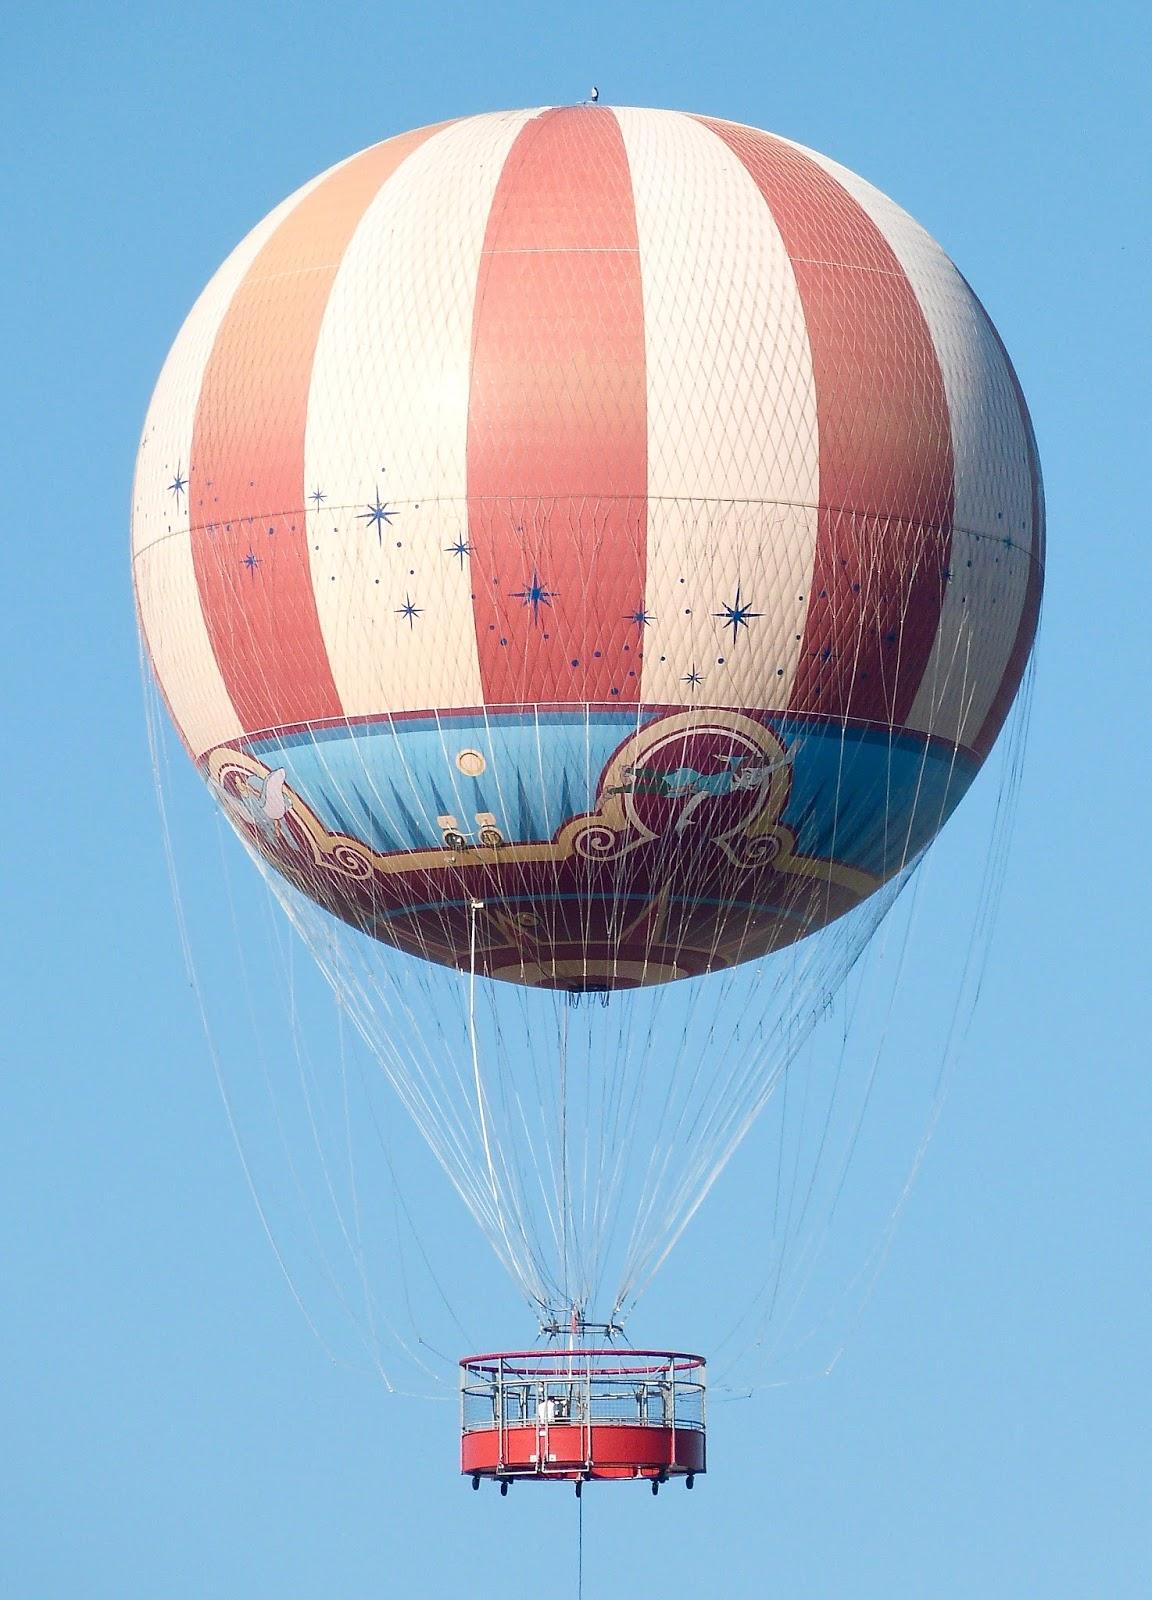 Disney-Springs-Balloon-ride-Orlando-Florida